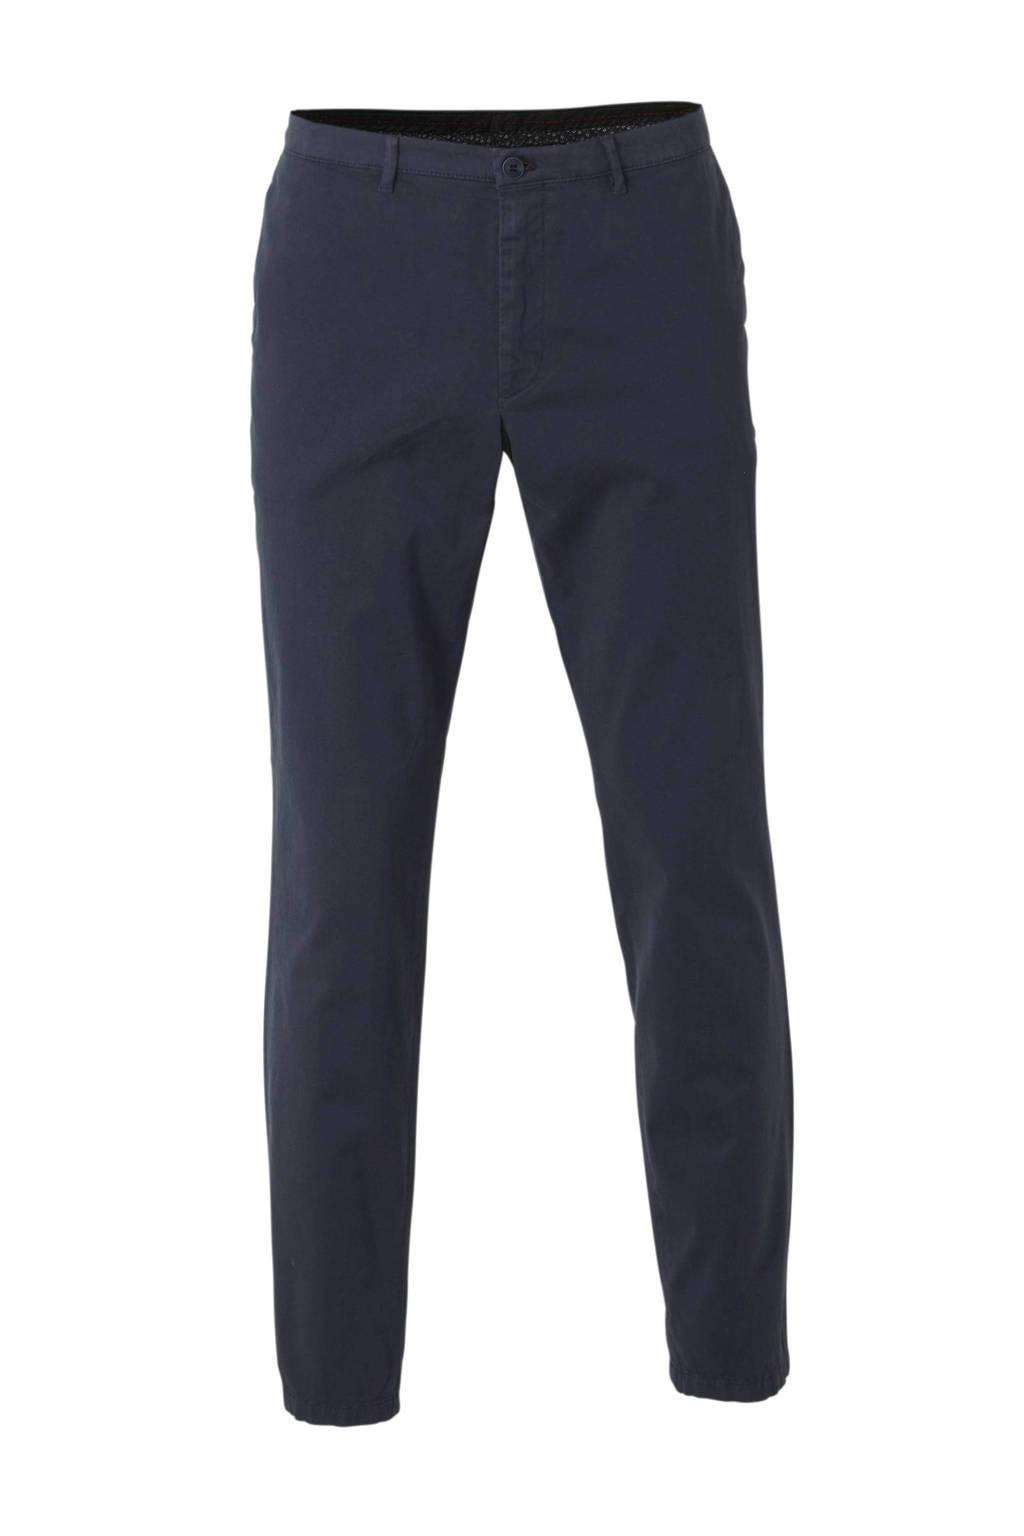 C&A slim fit chino blauw, Donkerblauw